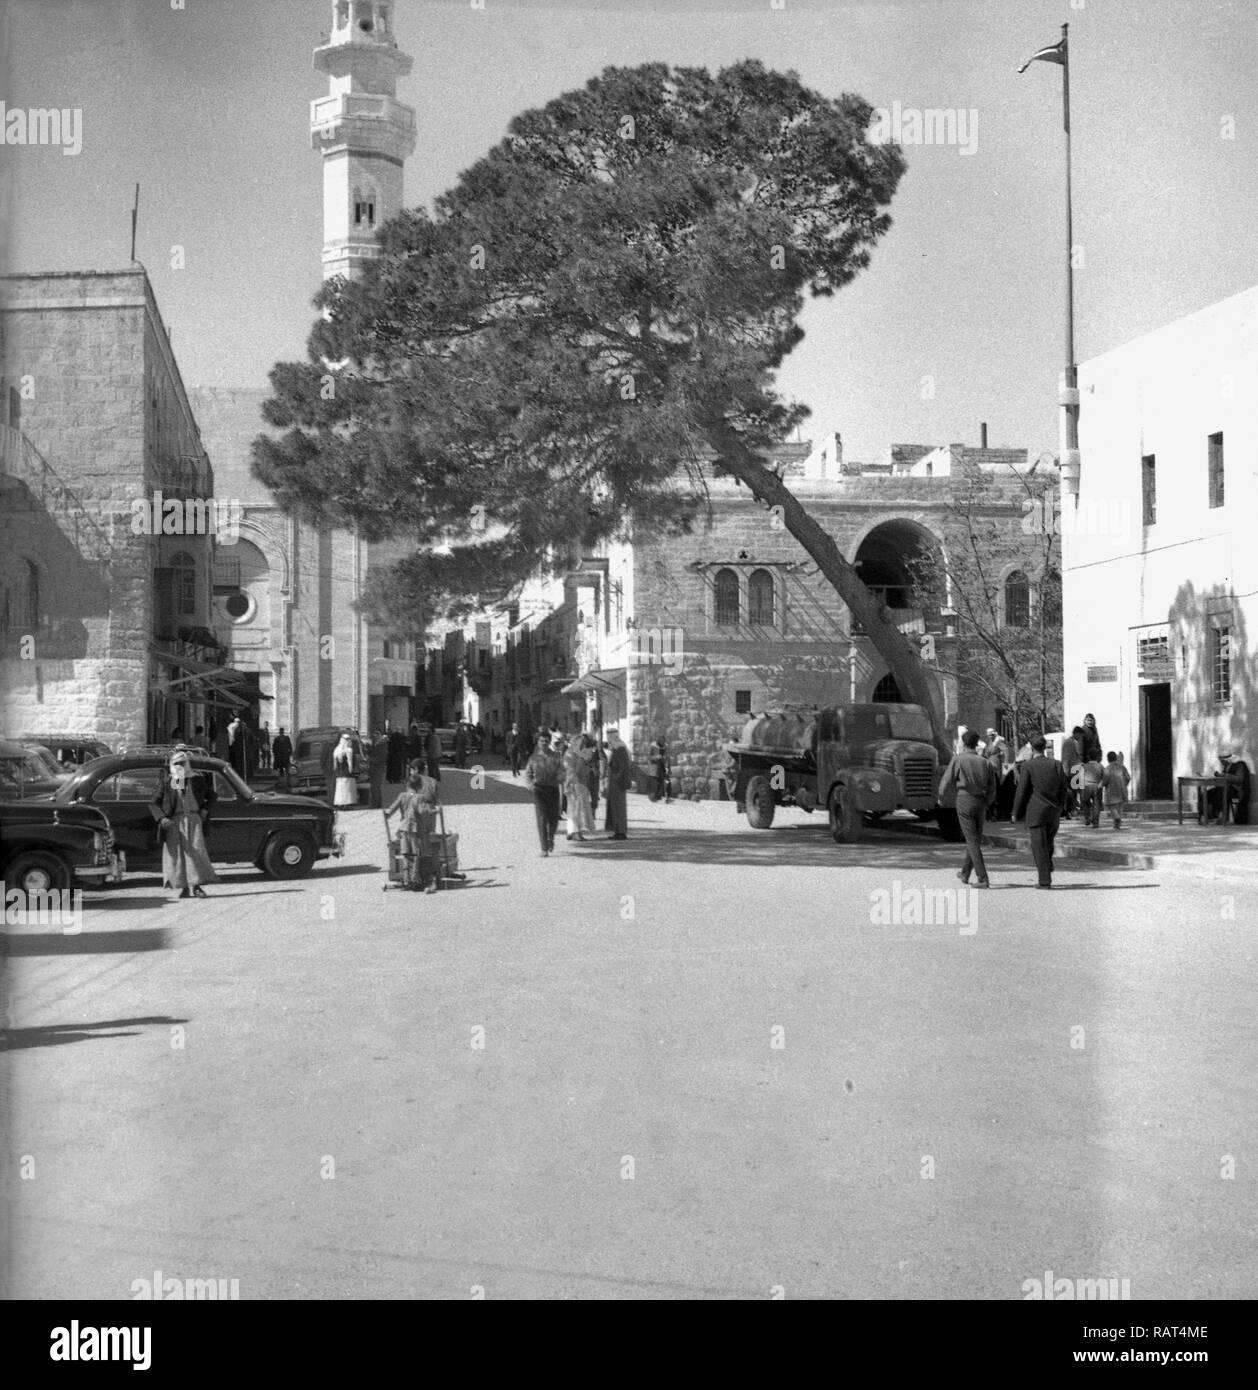 1940s, ingresso al innner area della città palestinese di Betlemme, la biblica il luogo di nascita di Gesù Cristo. La città era un mandato britannico dal 1920-1948 e quando questa foto è stata scattata, e quindi una parte del Giordano fino a sei giorni di guerra nel 1967, quando è stato catturato da Israele. Nel 1995 divenne sotto il controllo dell'Autorità Nazionale Palestinese. Foto Stock